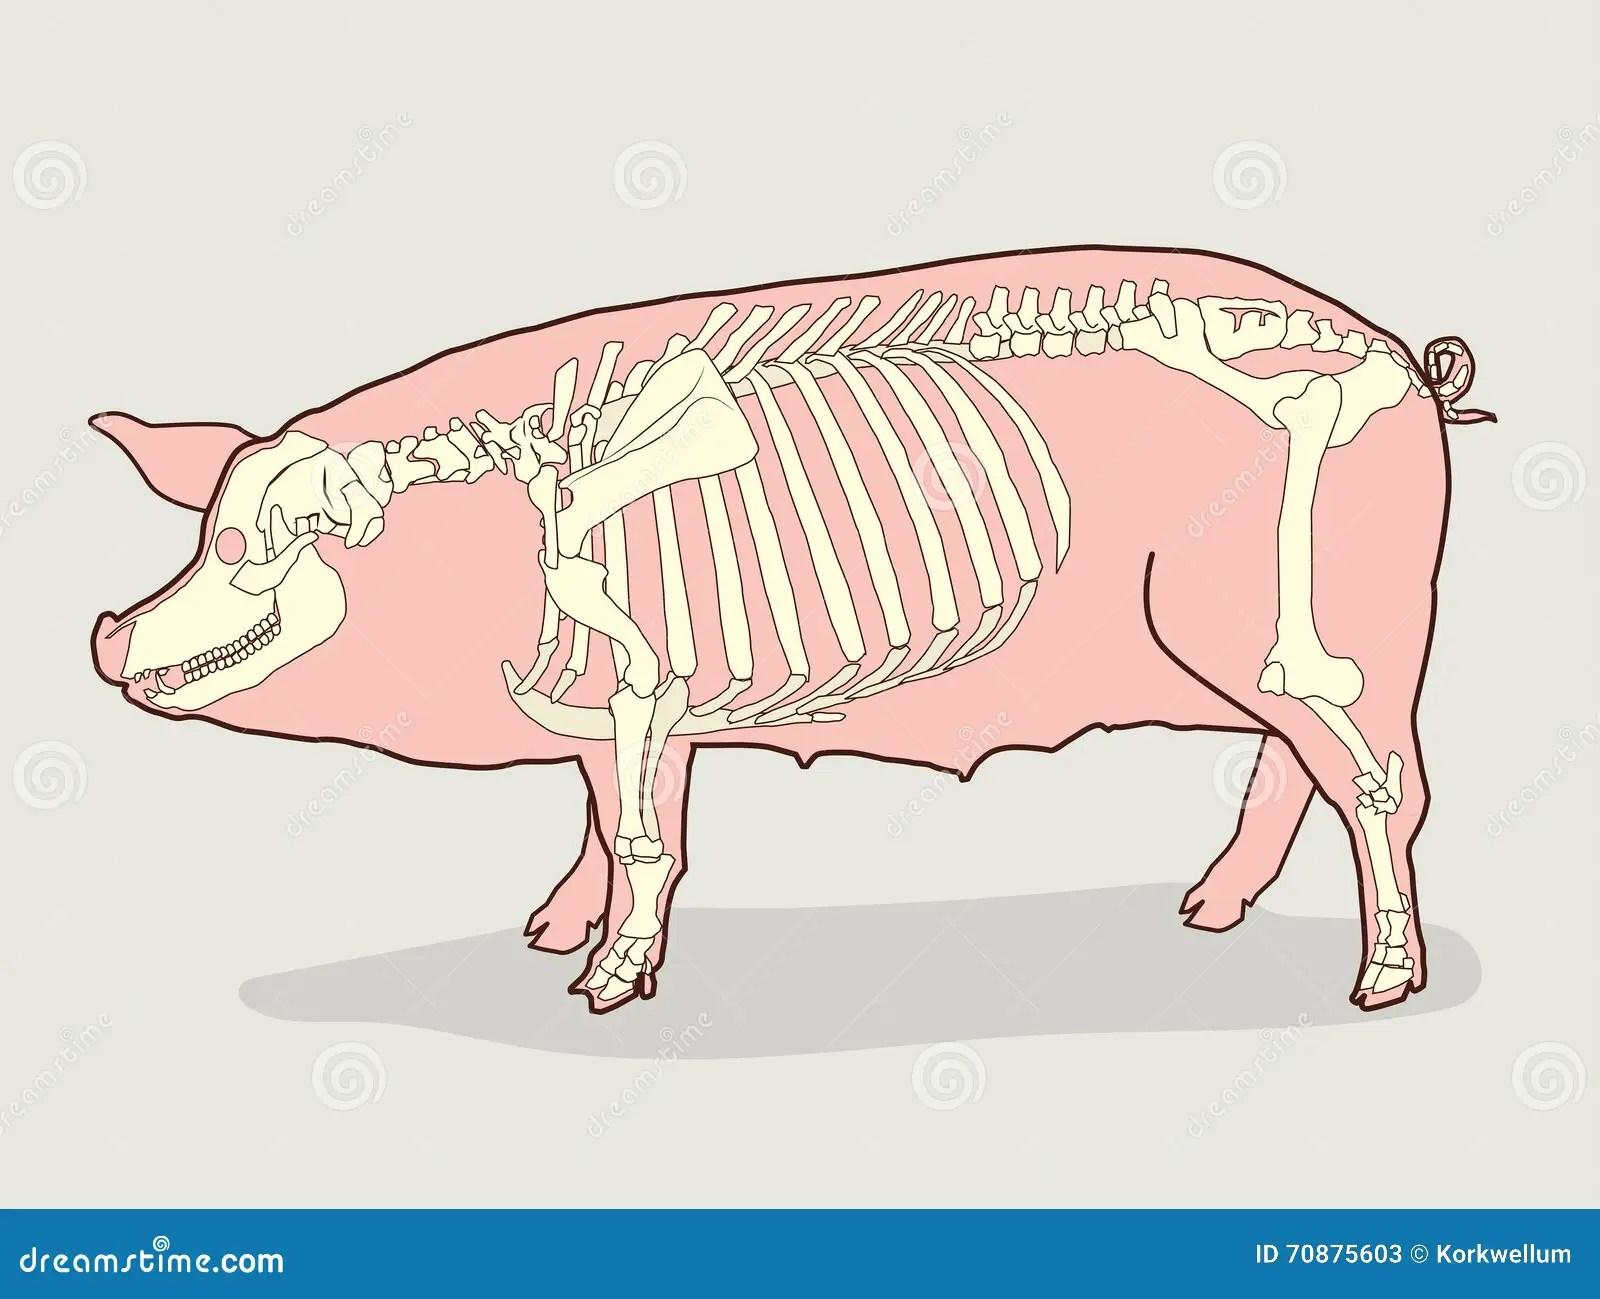 hight resolution of pig skeleton vector illustration pig skeleton diagram